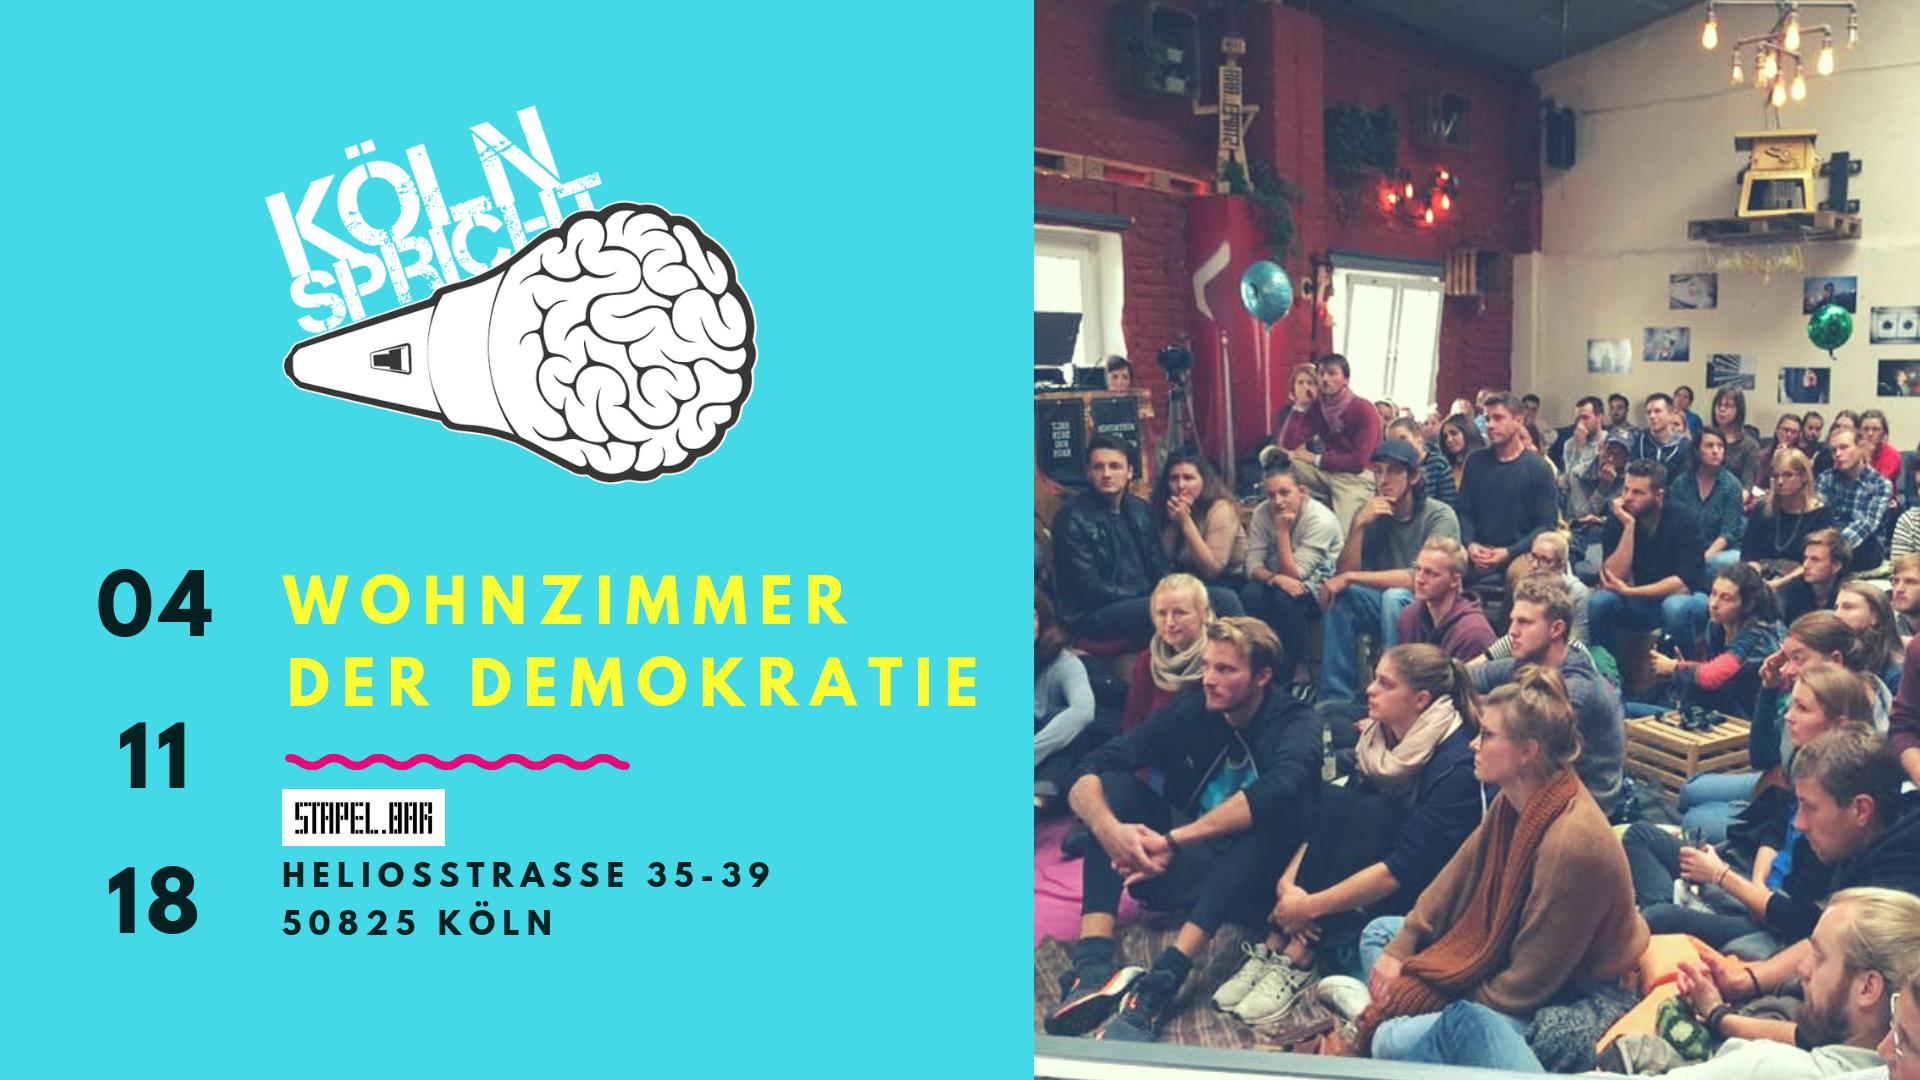 Köln spricht am 04.11.2018 @ Stapelbar